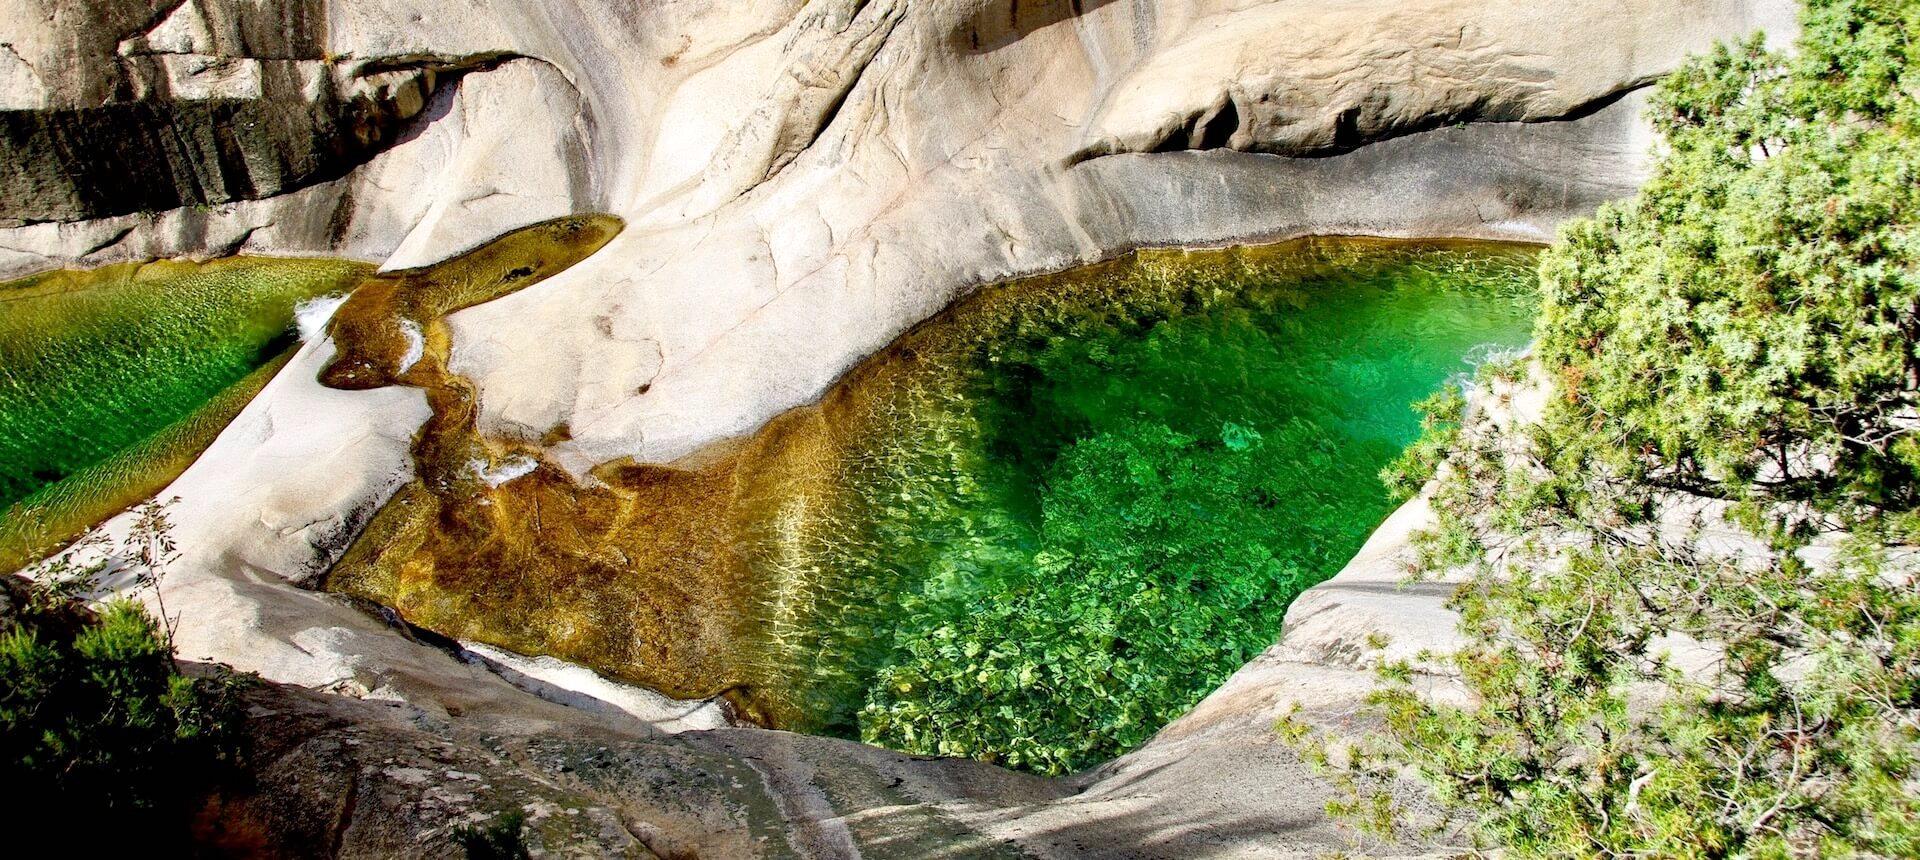 Randonnée Vers Les Cascades De Purcaraccia⎪La Corse Autrement à Piscine Naturelle D Eau Chaude Corse Du Sud